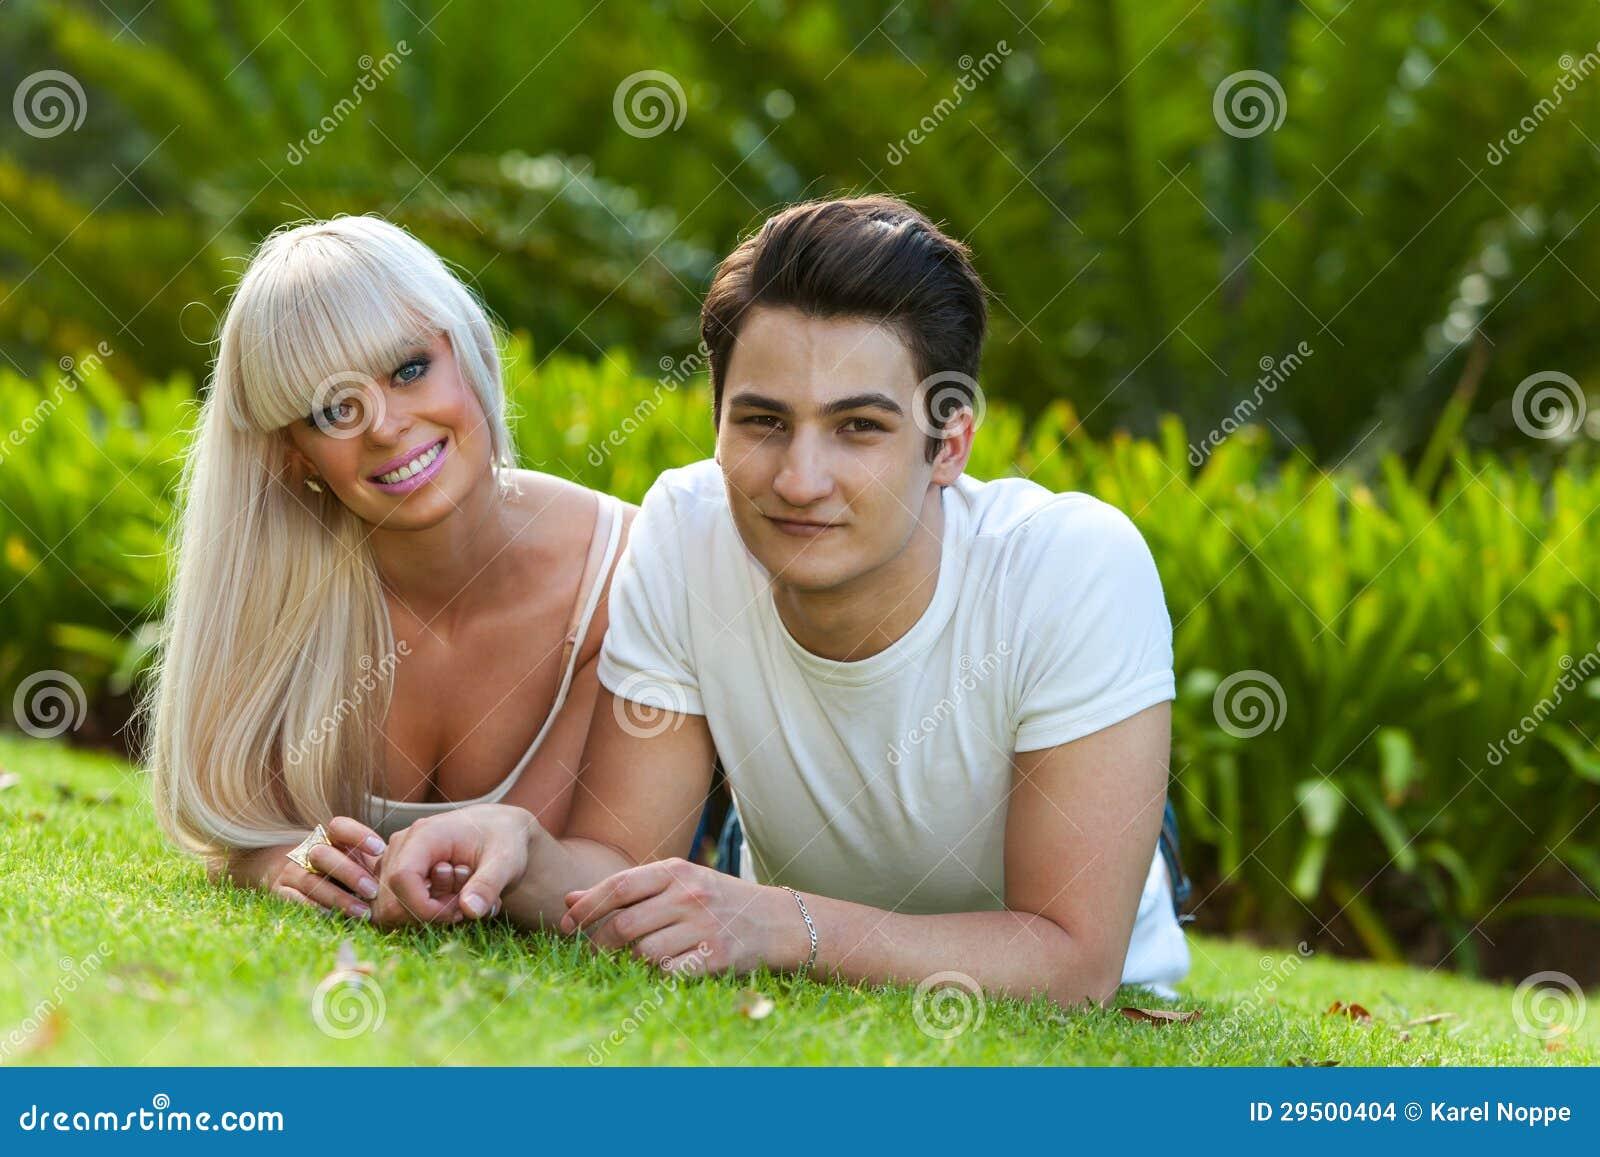 Portret van jong paar die op groen gras leggen.